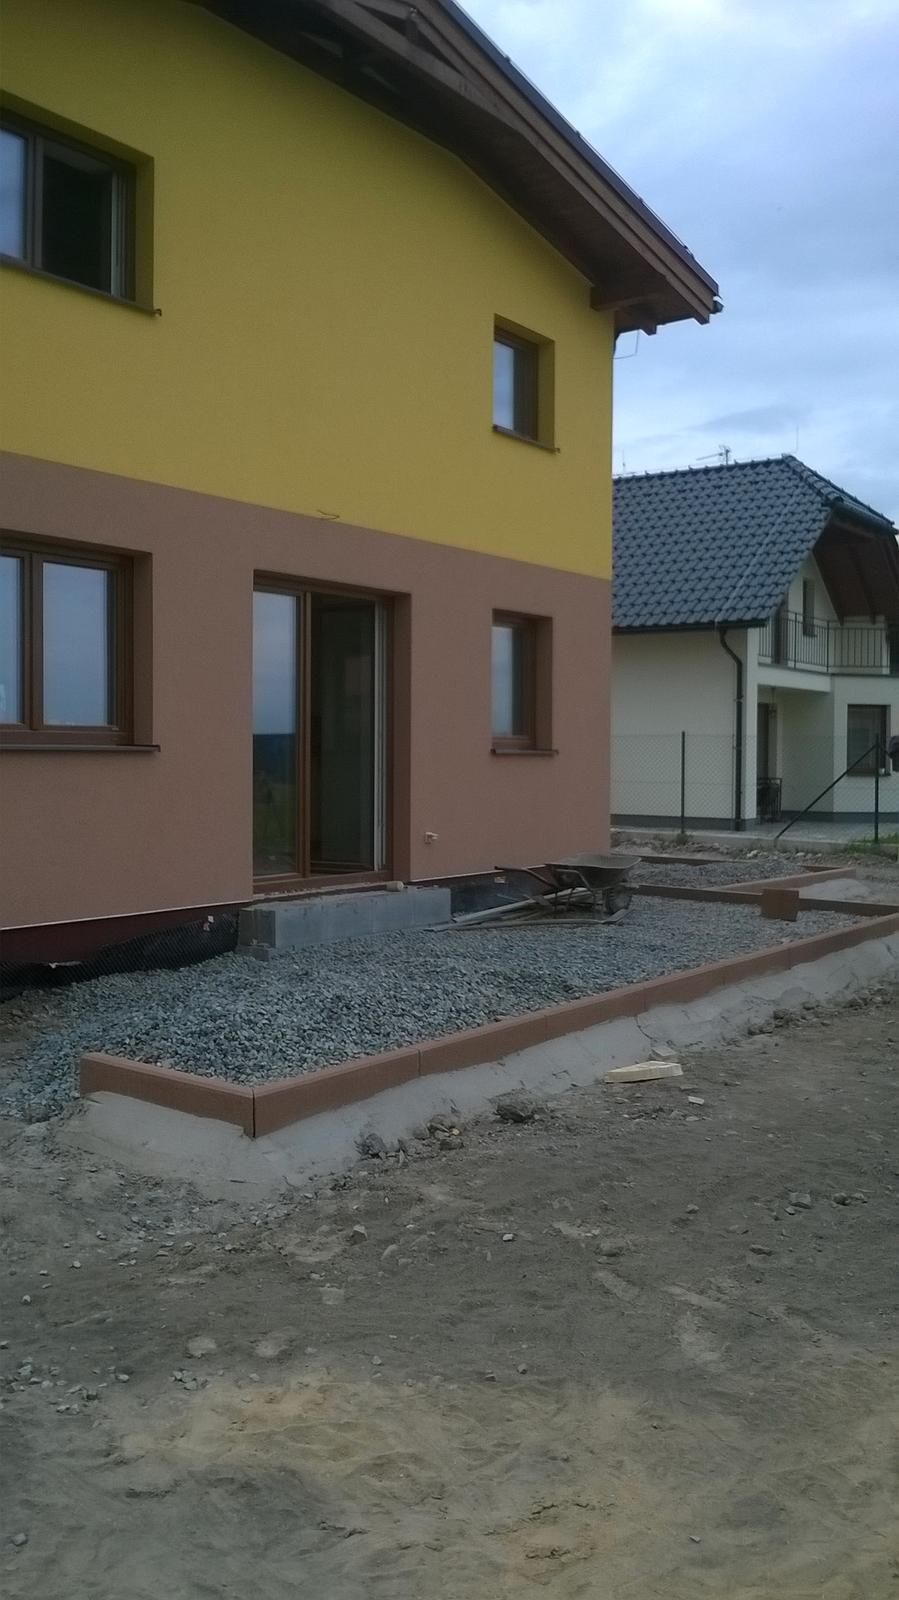 Stavba pasivního domu - Hlavní terasa - vybagrováno, obrubník zabetonován a vysypáno štěrkem